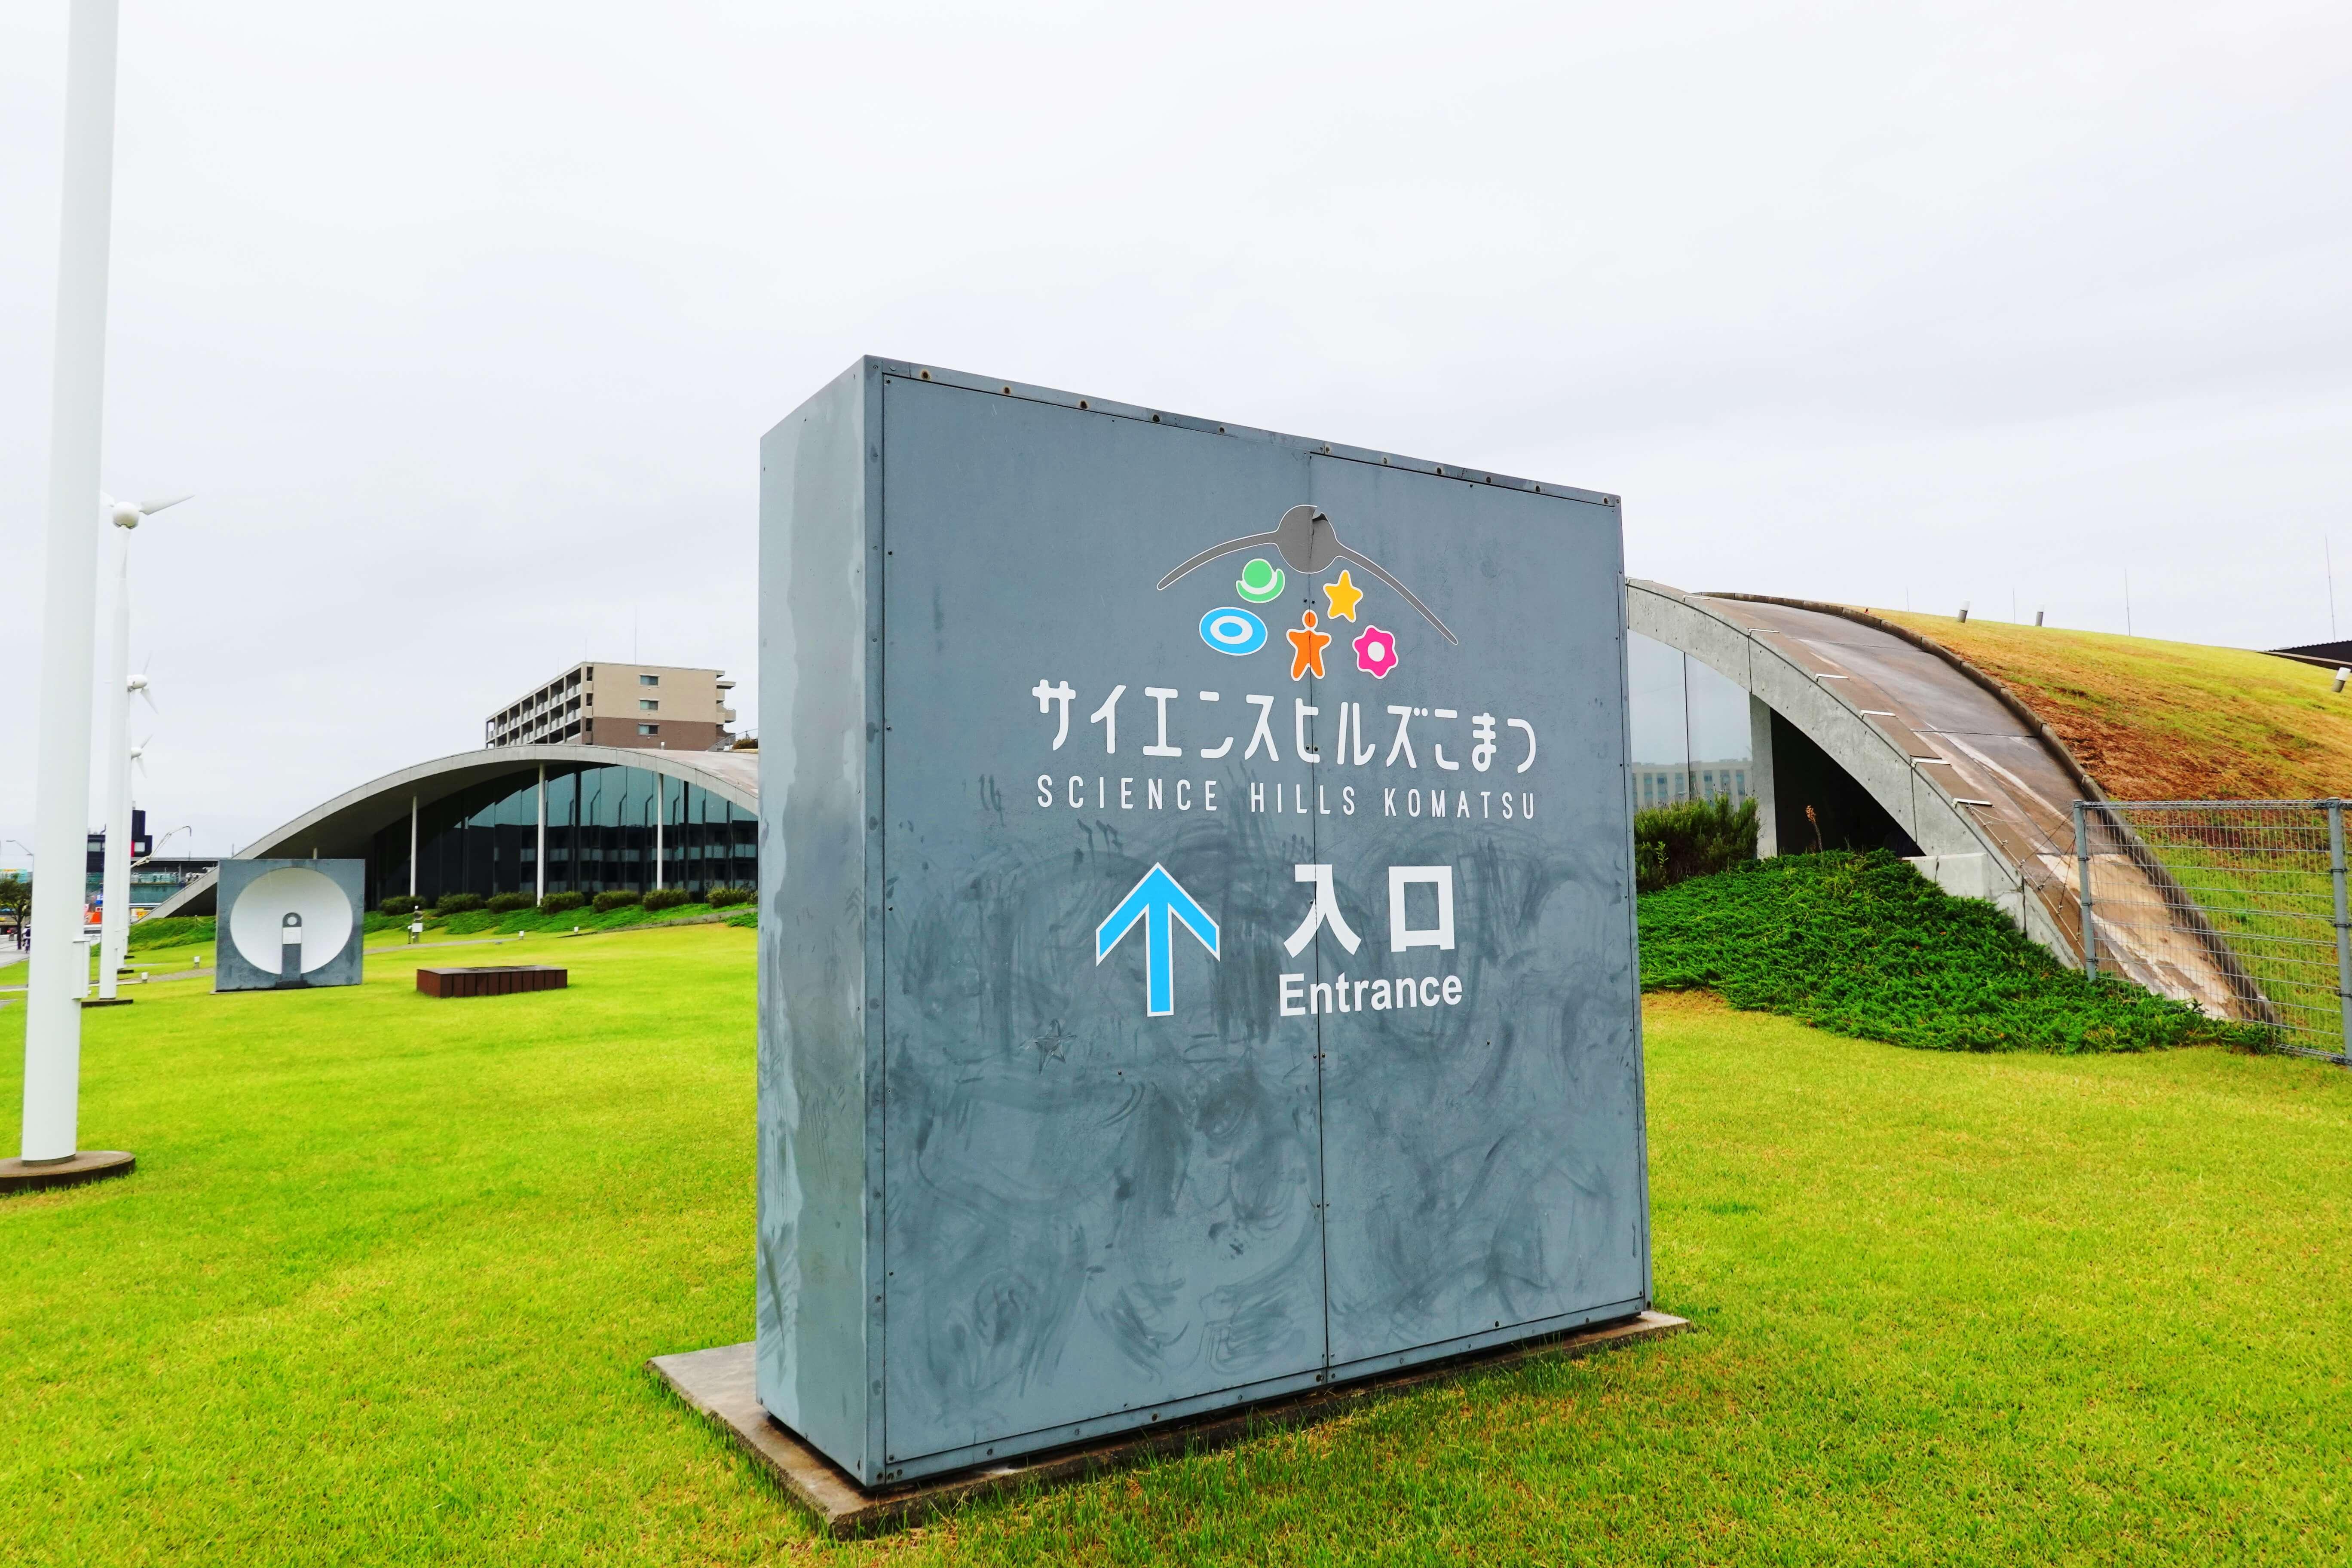 サイエンスヒルズこまつ|小松駅周辺の観光スポット!ものづくりをテーマにした科学館